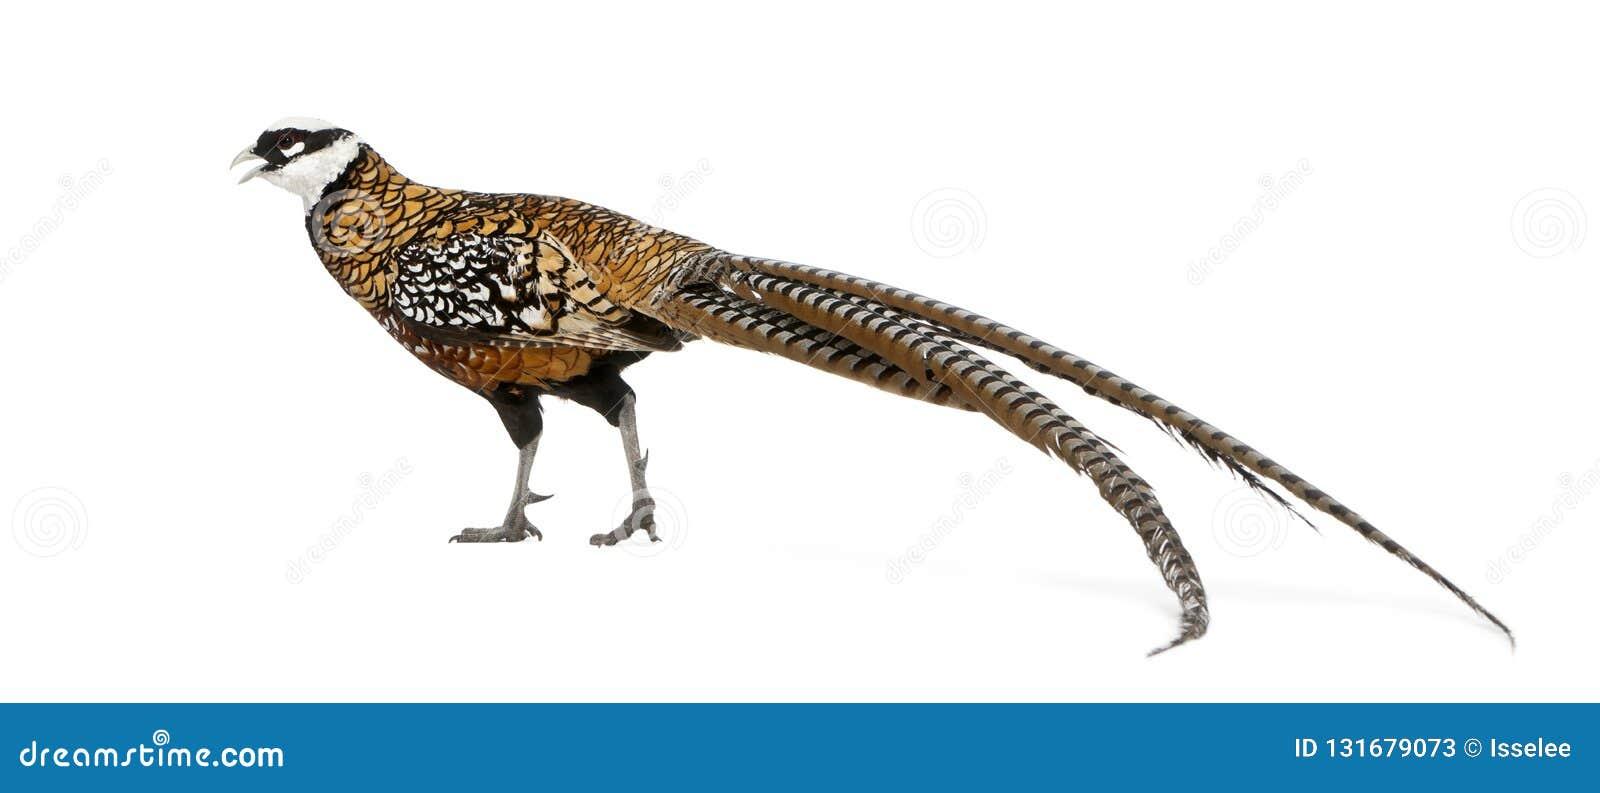 Männlichen Reeves Fasan, Syrmaticus-reevesii, kann bis 210 cm lang wachsen